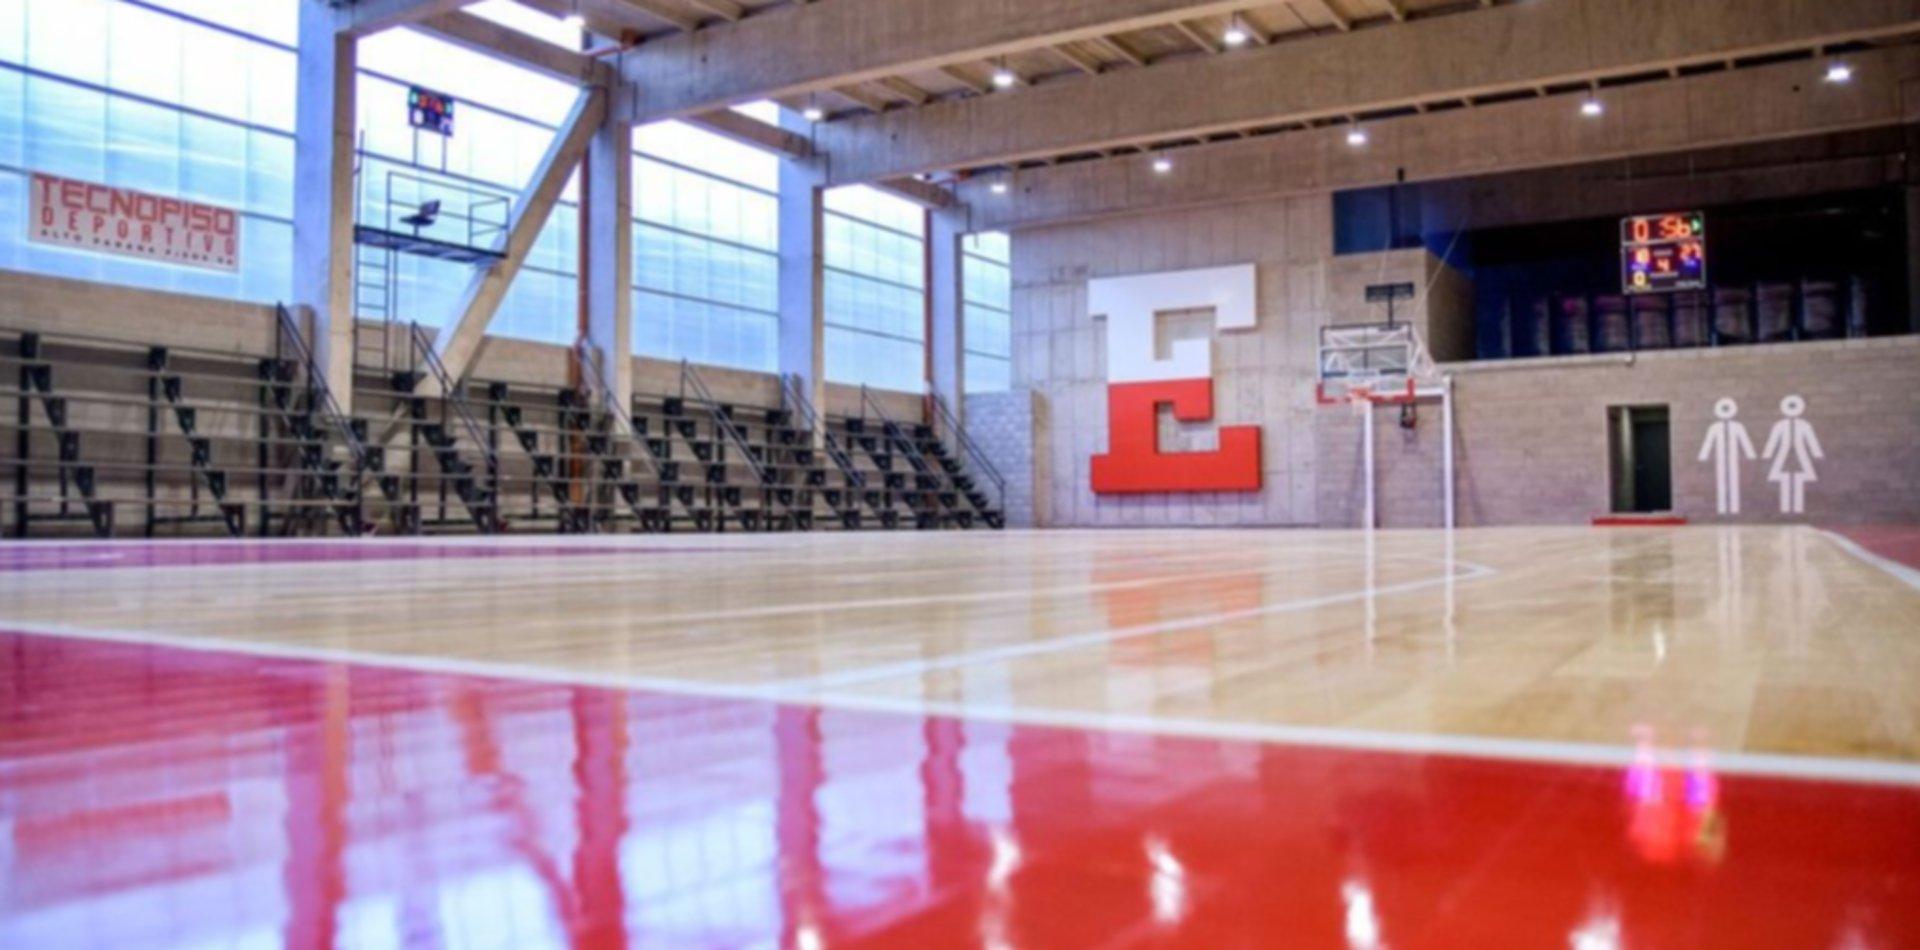 Con 544 metros cuadrados y un piso deportivo de lujo, así quedó el Polideportivo de UNO